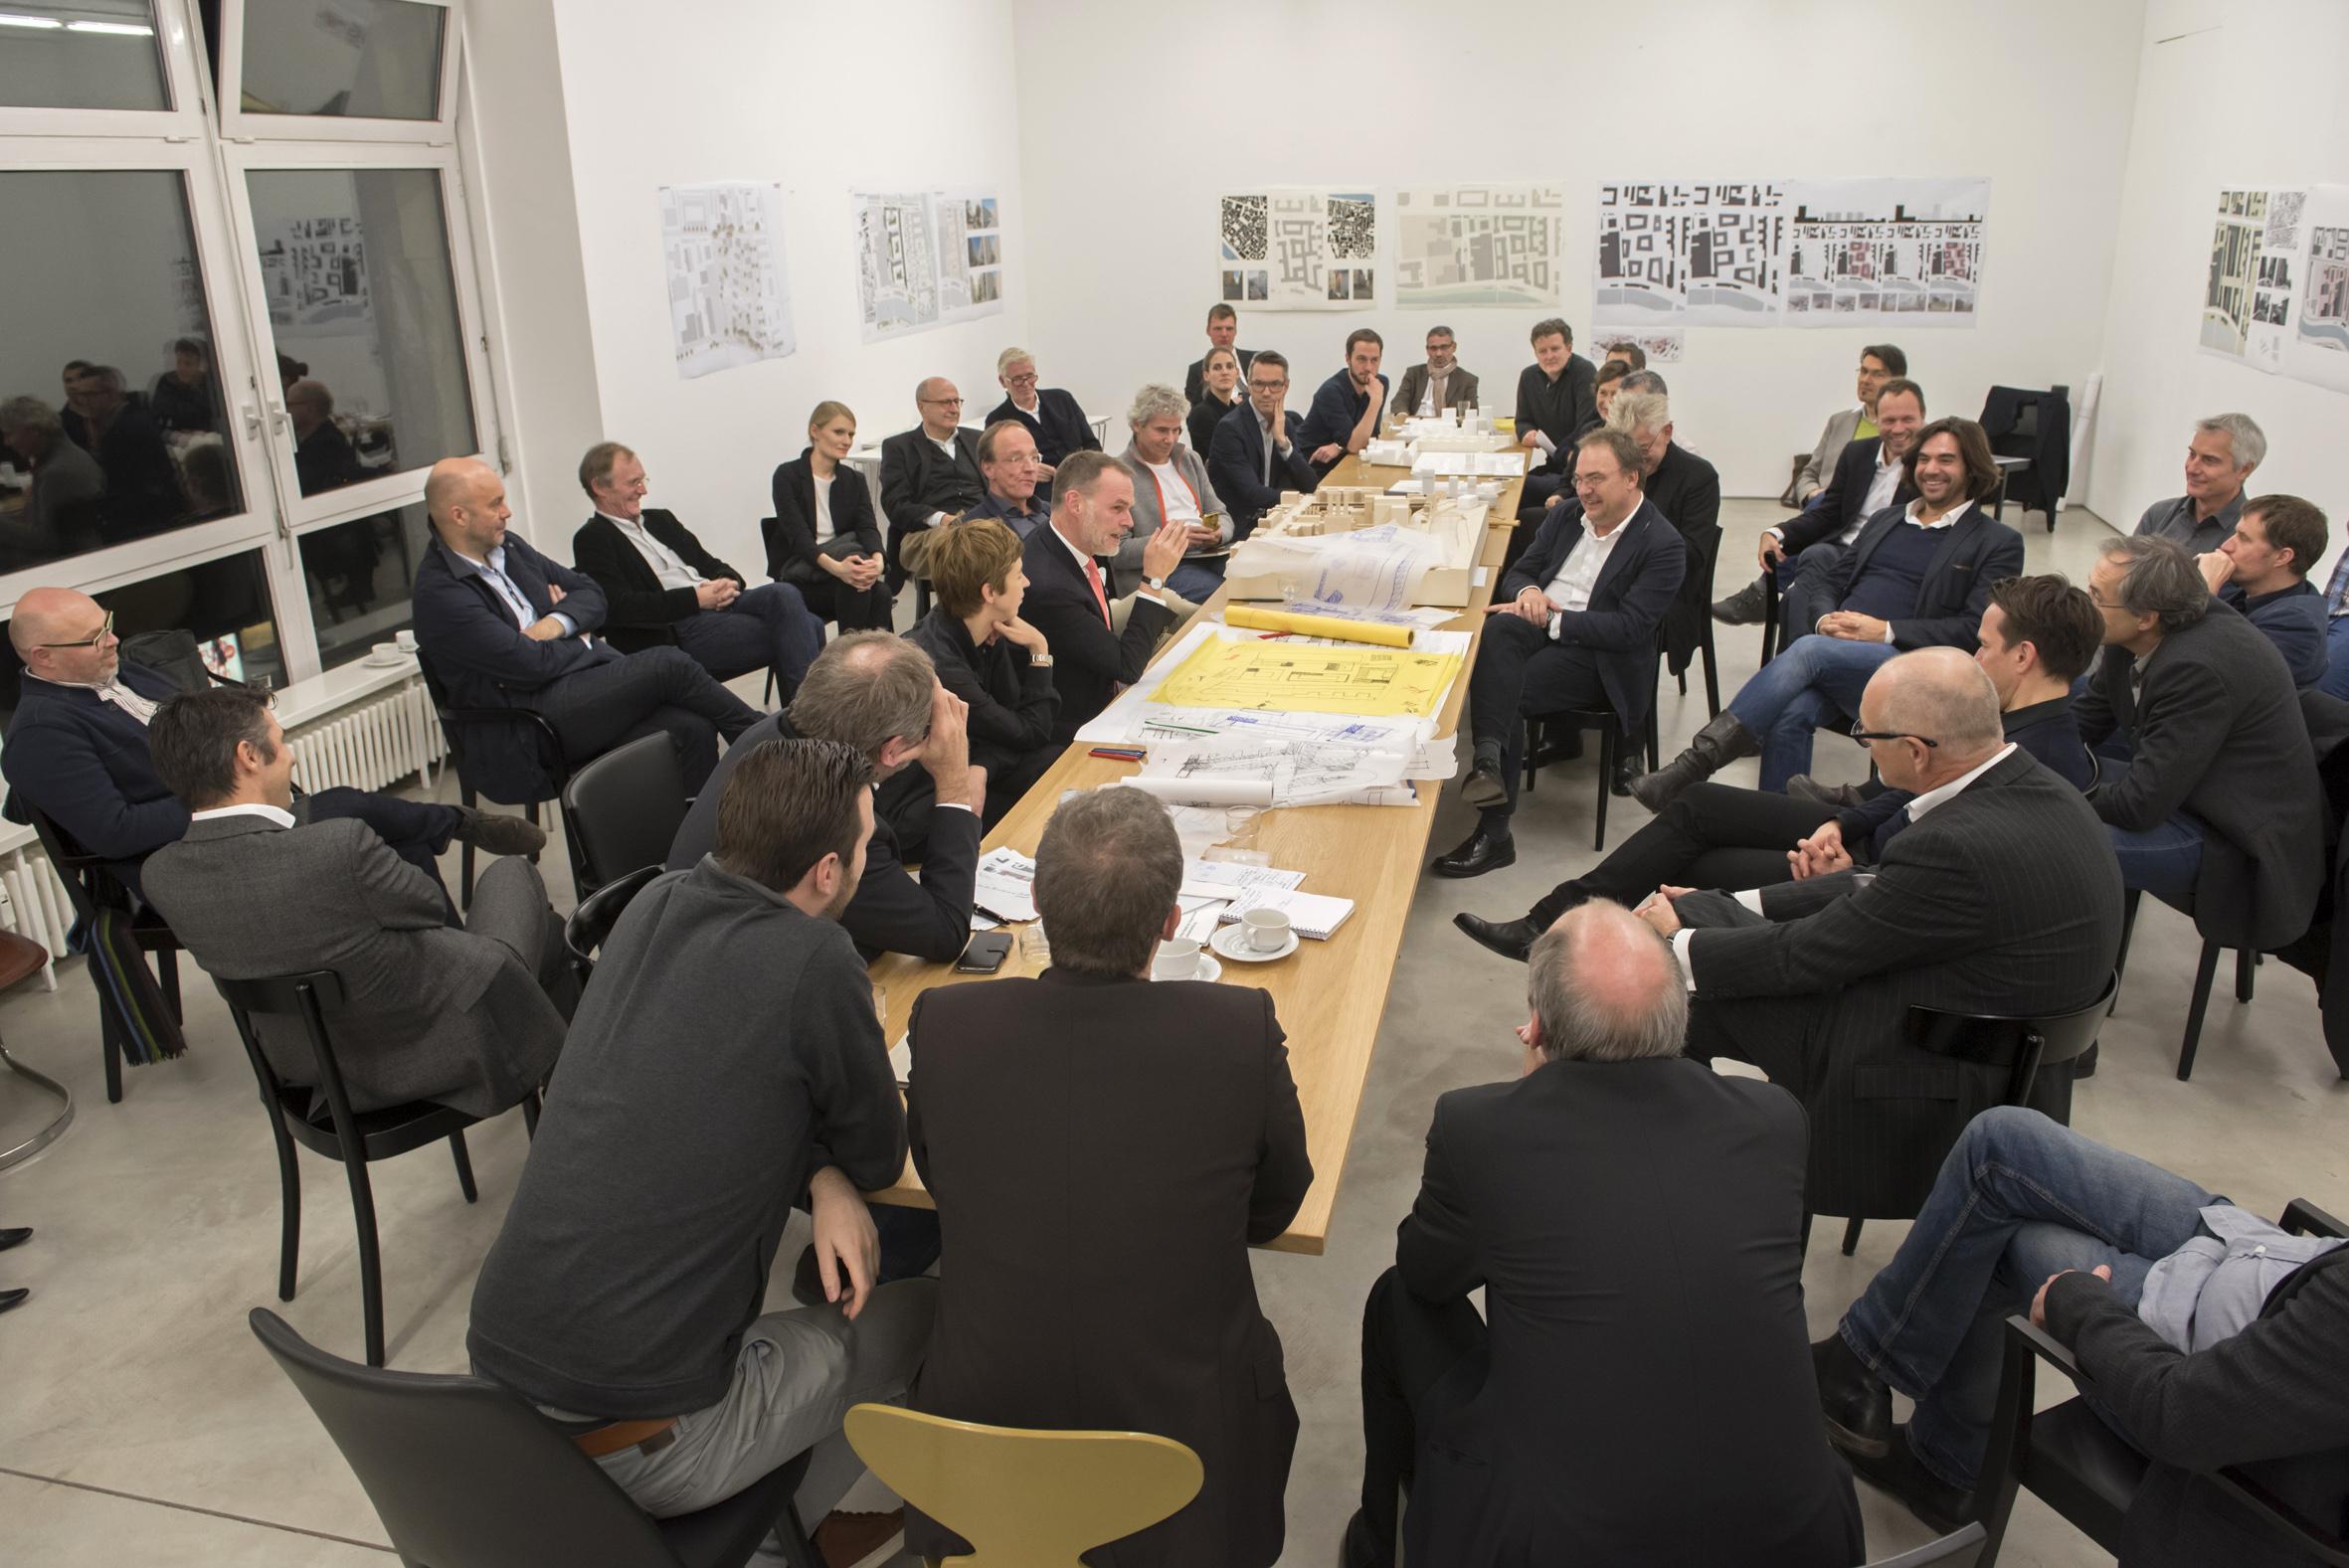 Duitsland, Deutschland, Germany, Berlin, Berlijn,  28.11.2015. Galerie Hempel, Lindenstrasse 35. 5. Konzept-Klausur WerkBundStadt Berlin. Foto: Erik-Jan Ouwerkerk